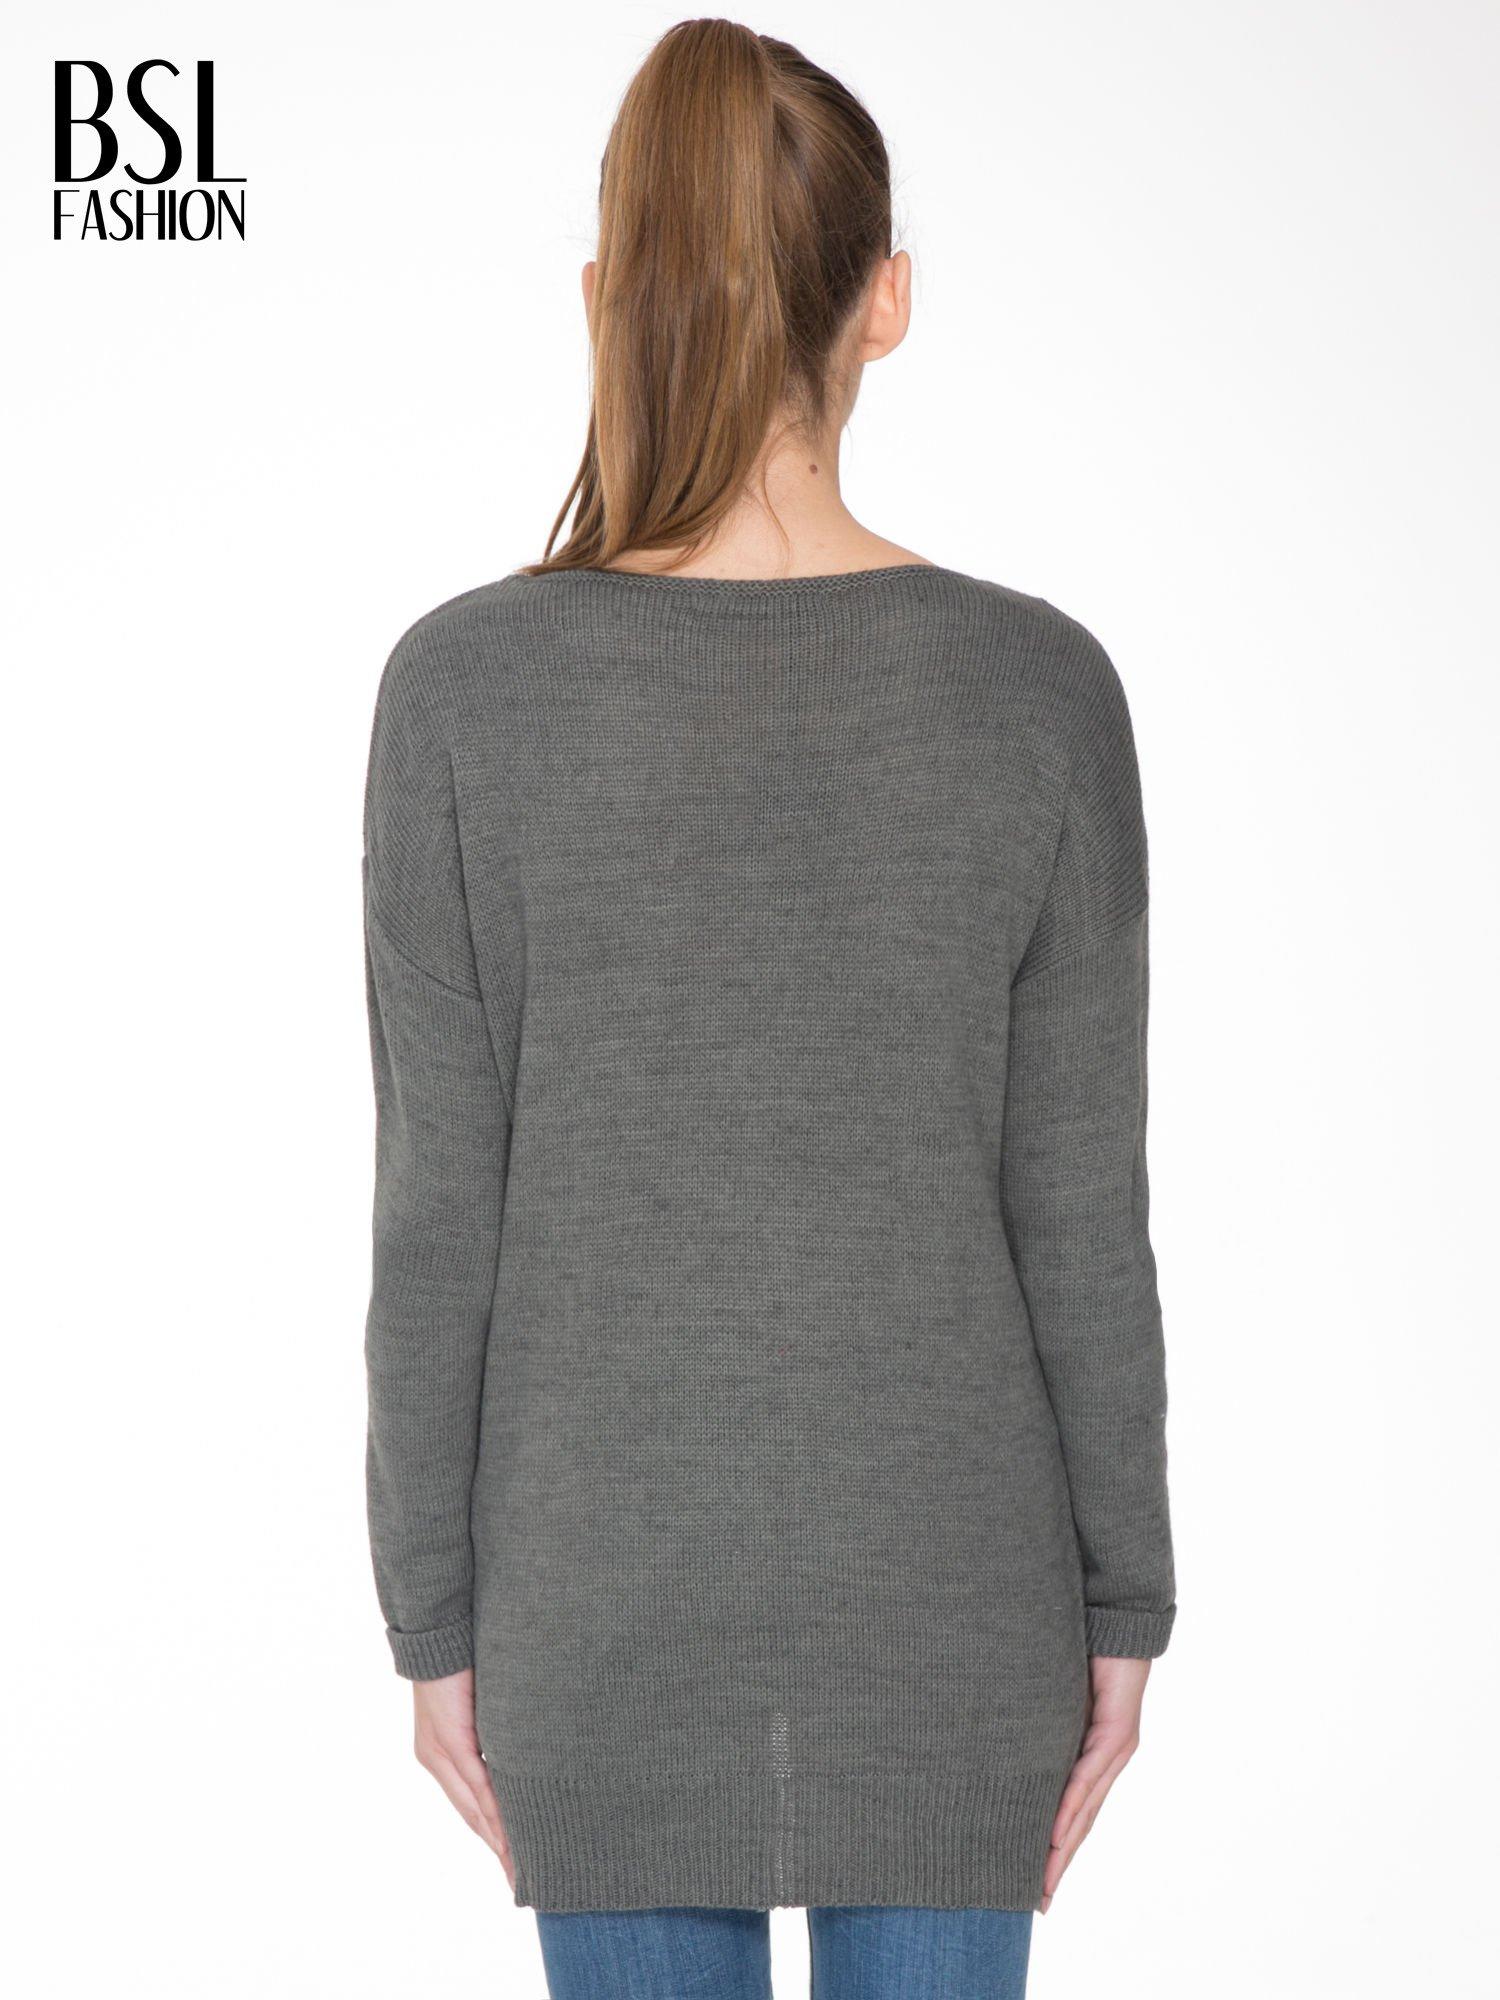 Szary sweter z nadrukiem WANTED i dżetami                                  zdj.                                  4